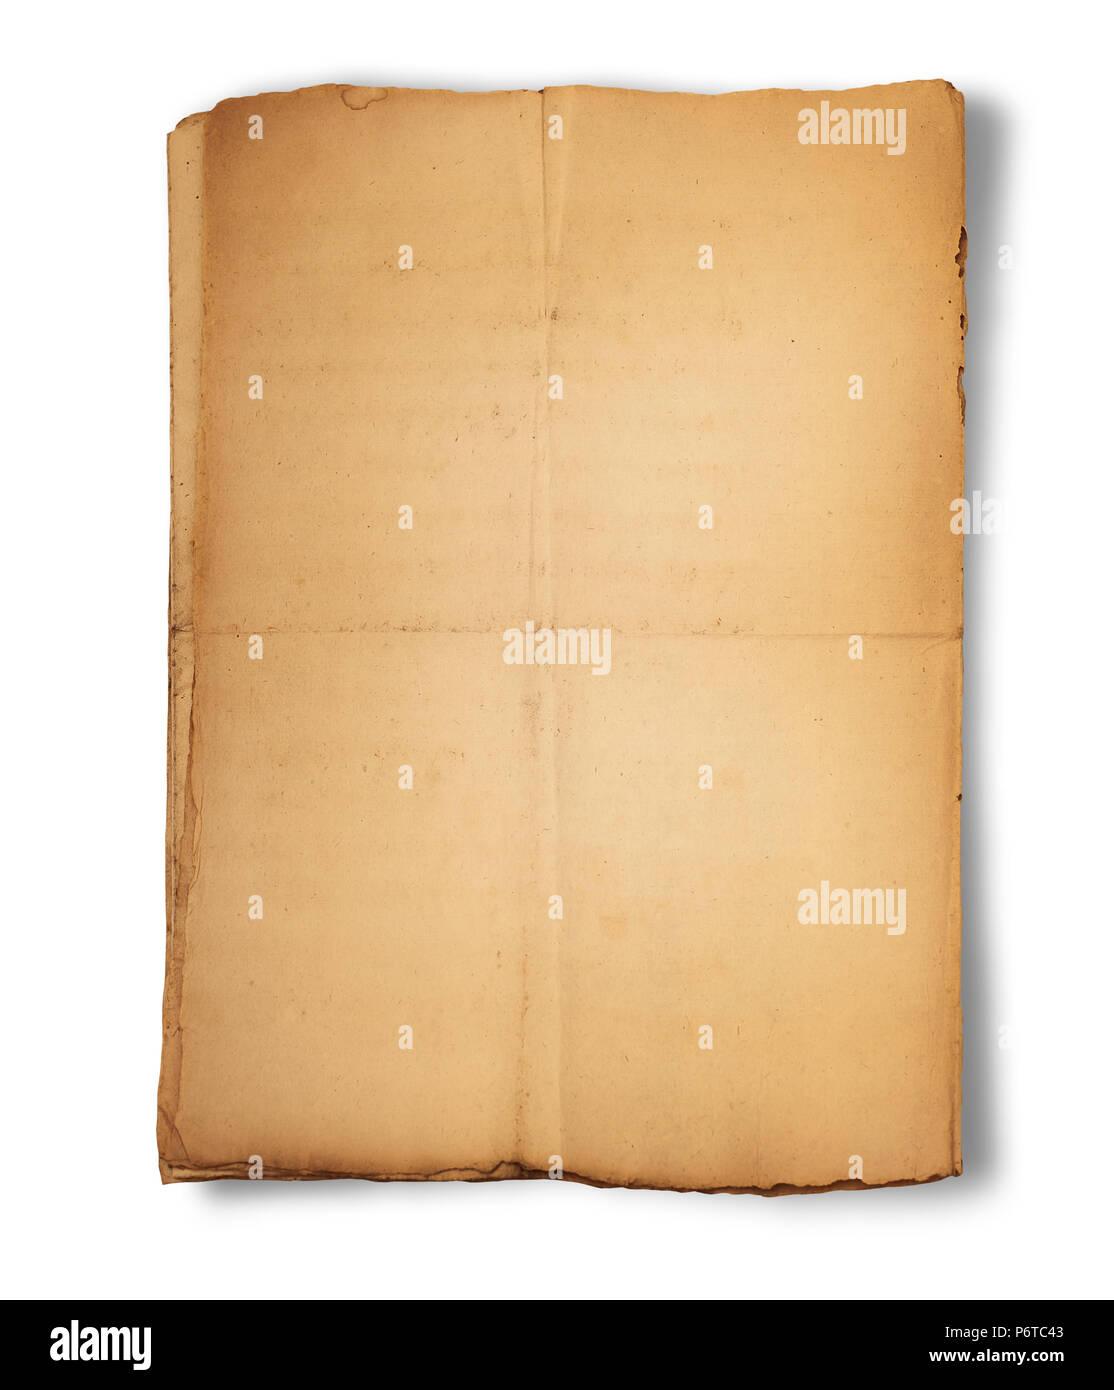 Il vecchio foglio di carta isolato su sfondo bianco Immagini Stock